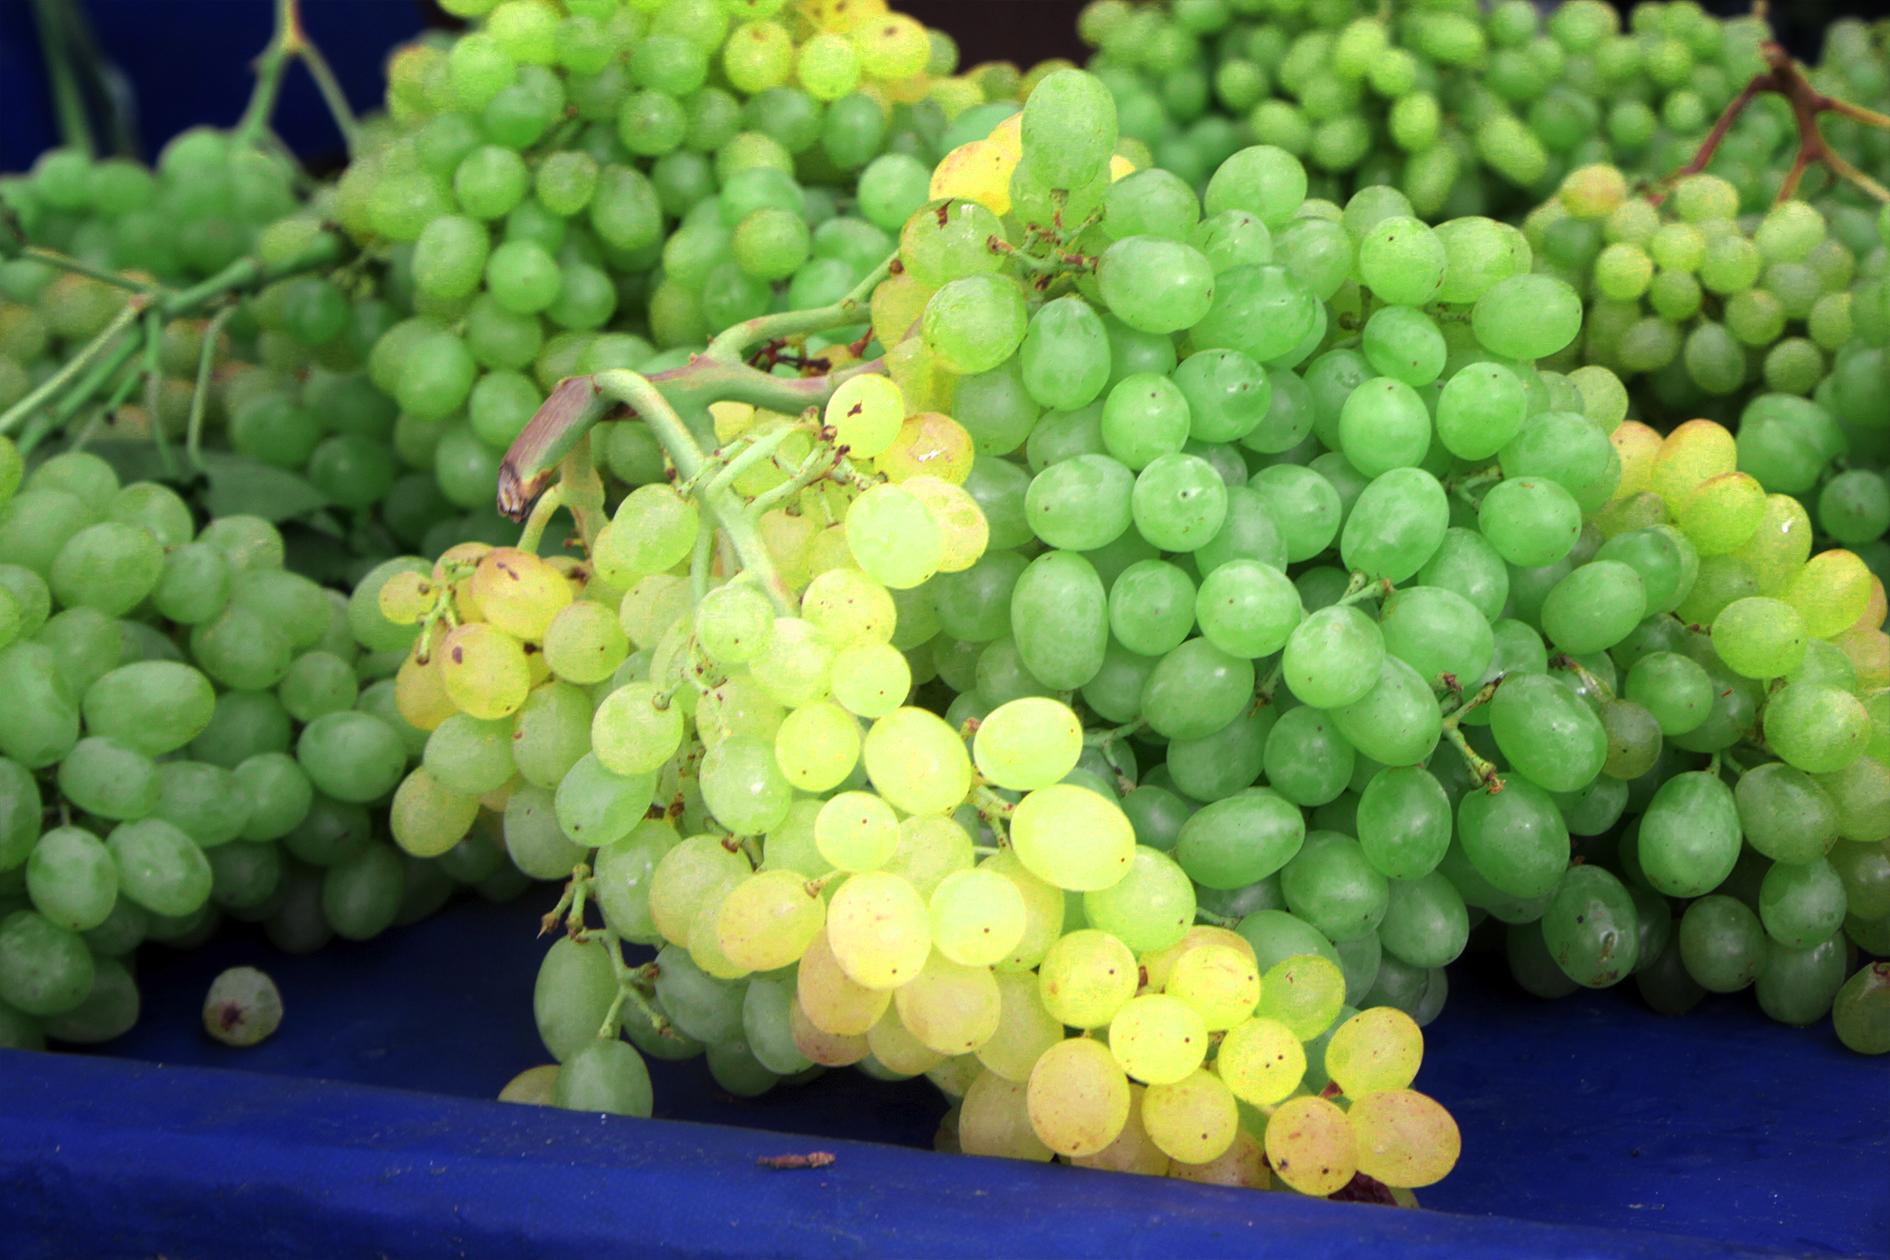 jason-b-graham-grapes-uzum-0009